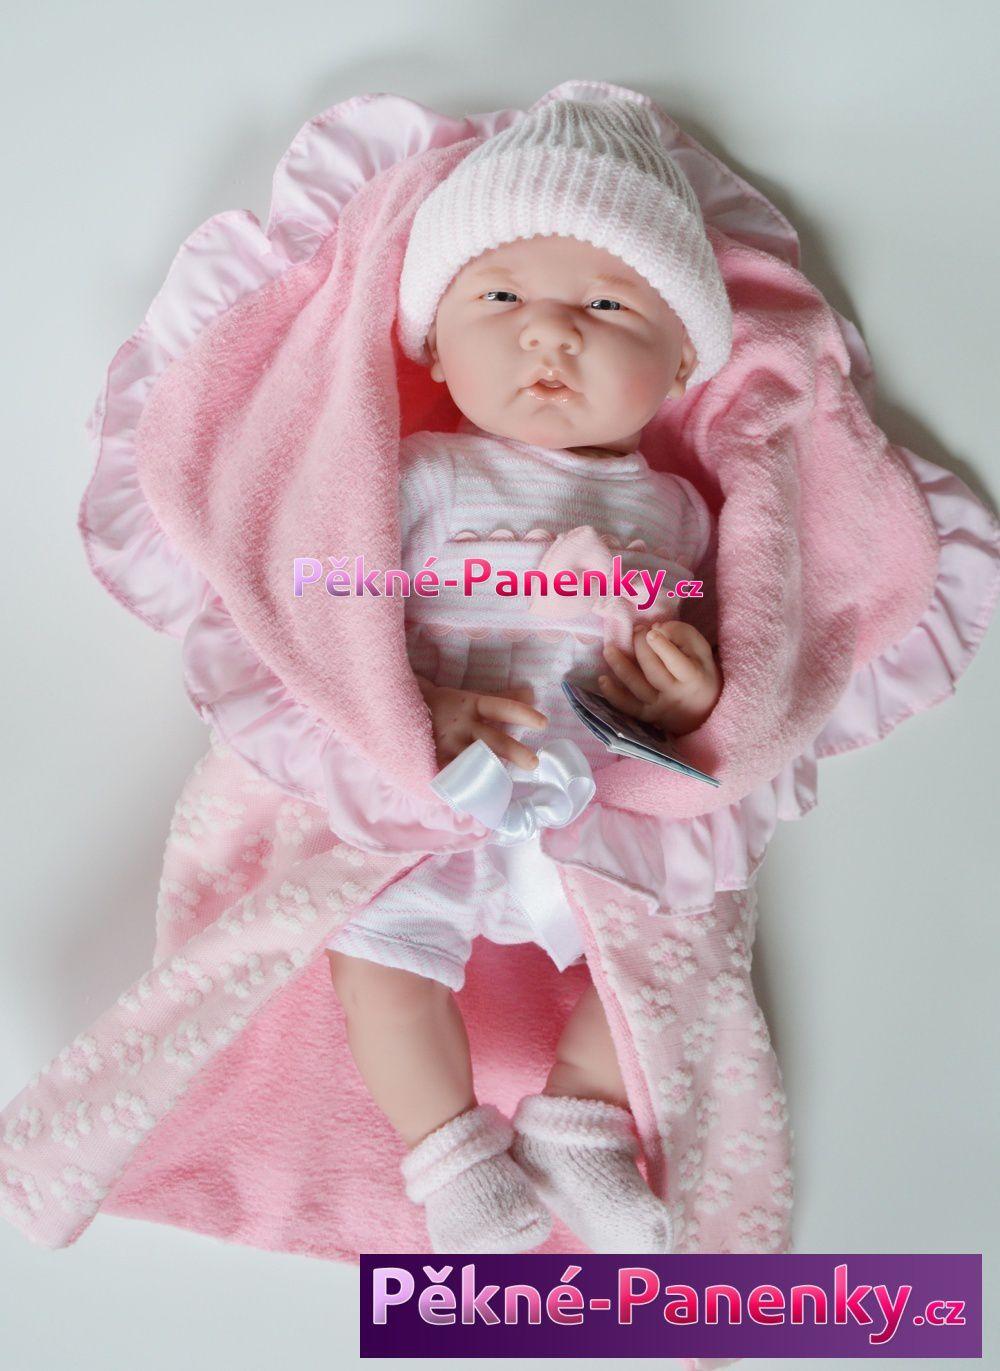 berenguer realistická panenka, která vypadá jako živé miminko, kvalitní španělská hračka, reborn panenka